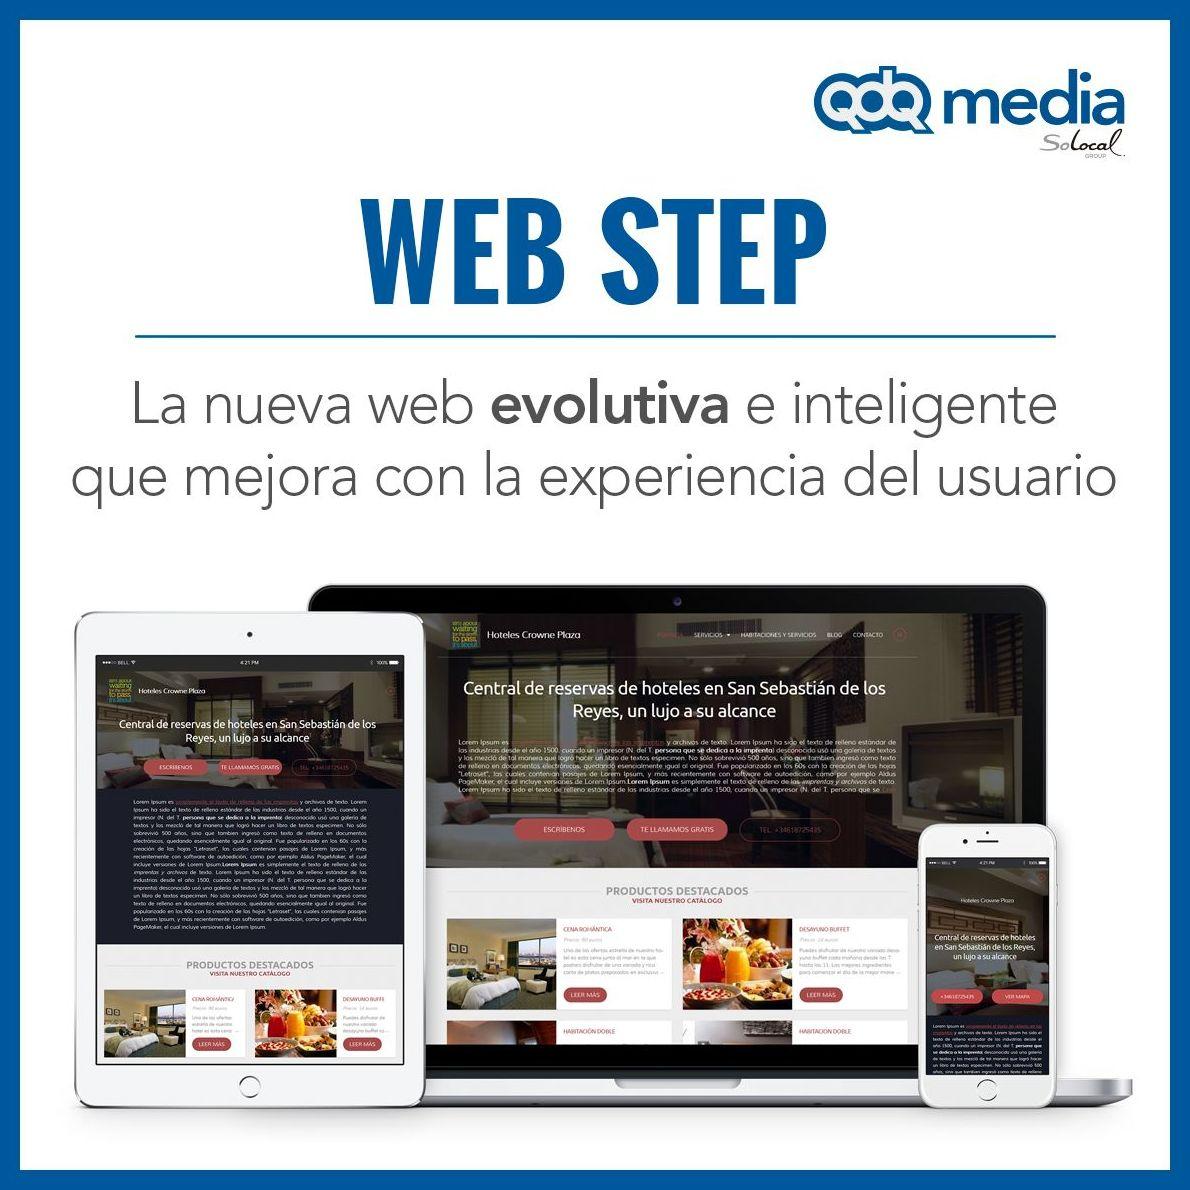 Foto 32 de Diseño de páginas web en  | QDQ media